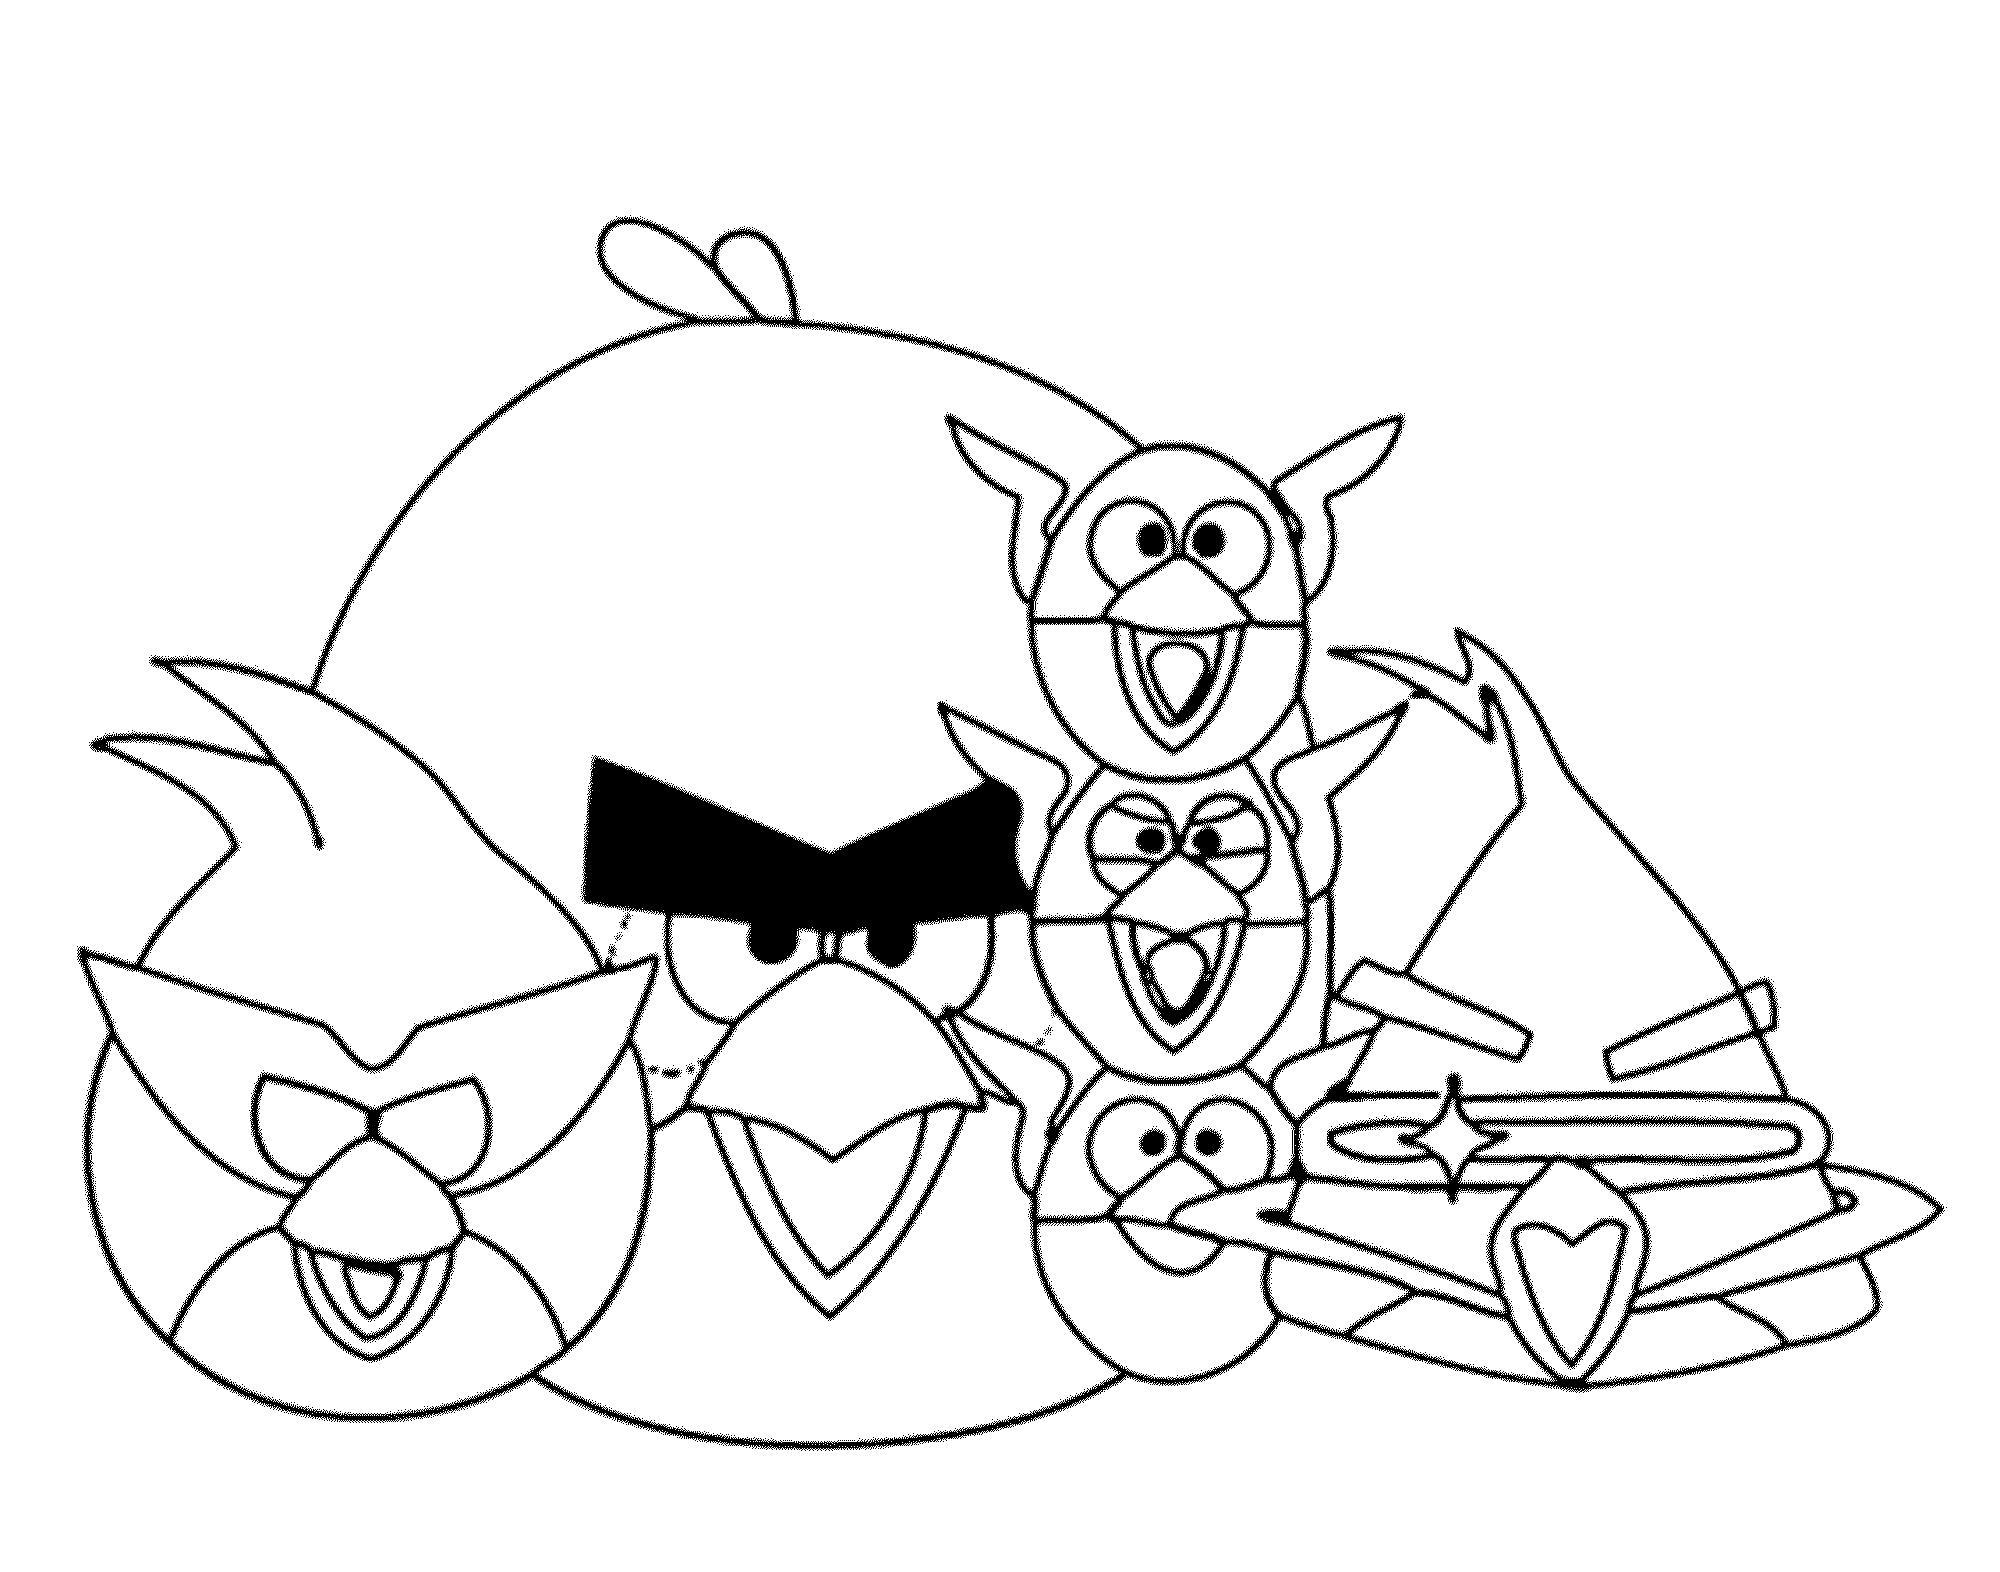 Angry birds злые птички, семейка птичек Раскраски для детей мальчиков